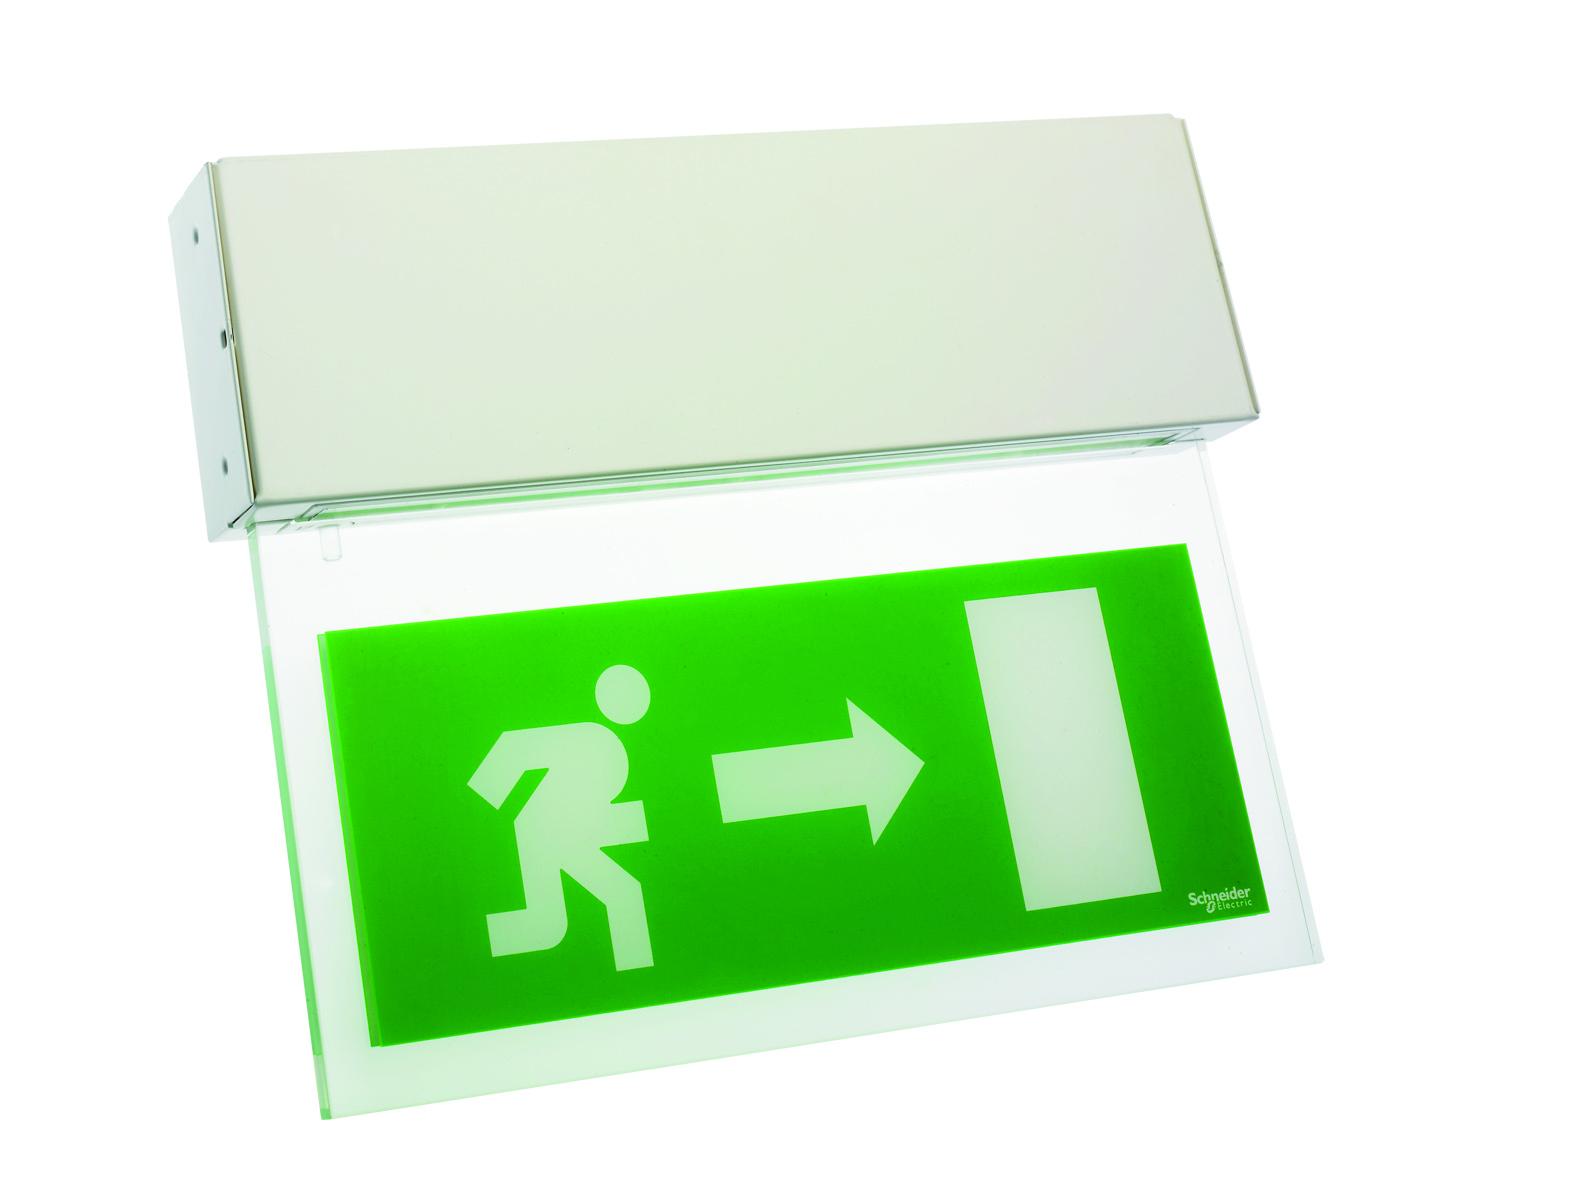 L illuminazione di emergenza è un sistema fondamentale